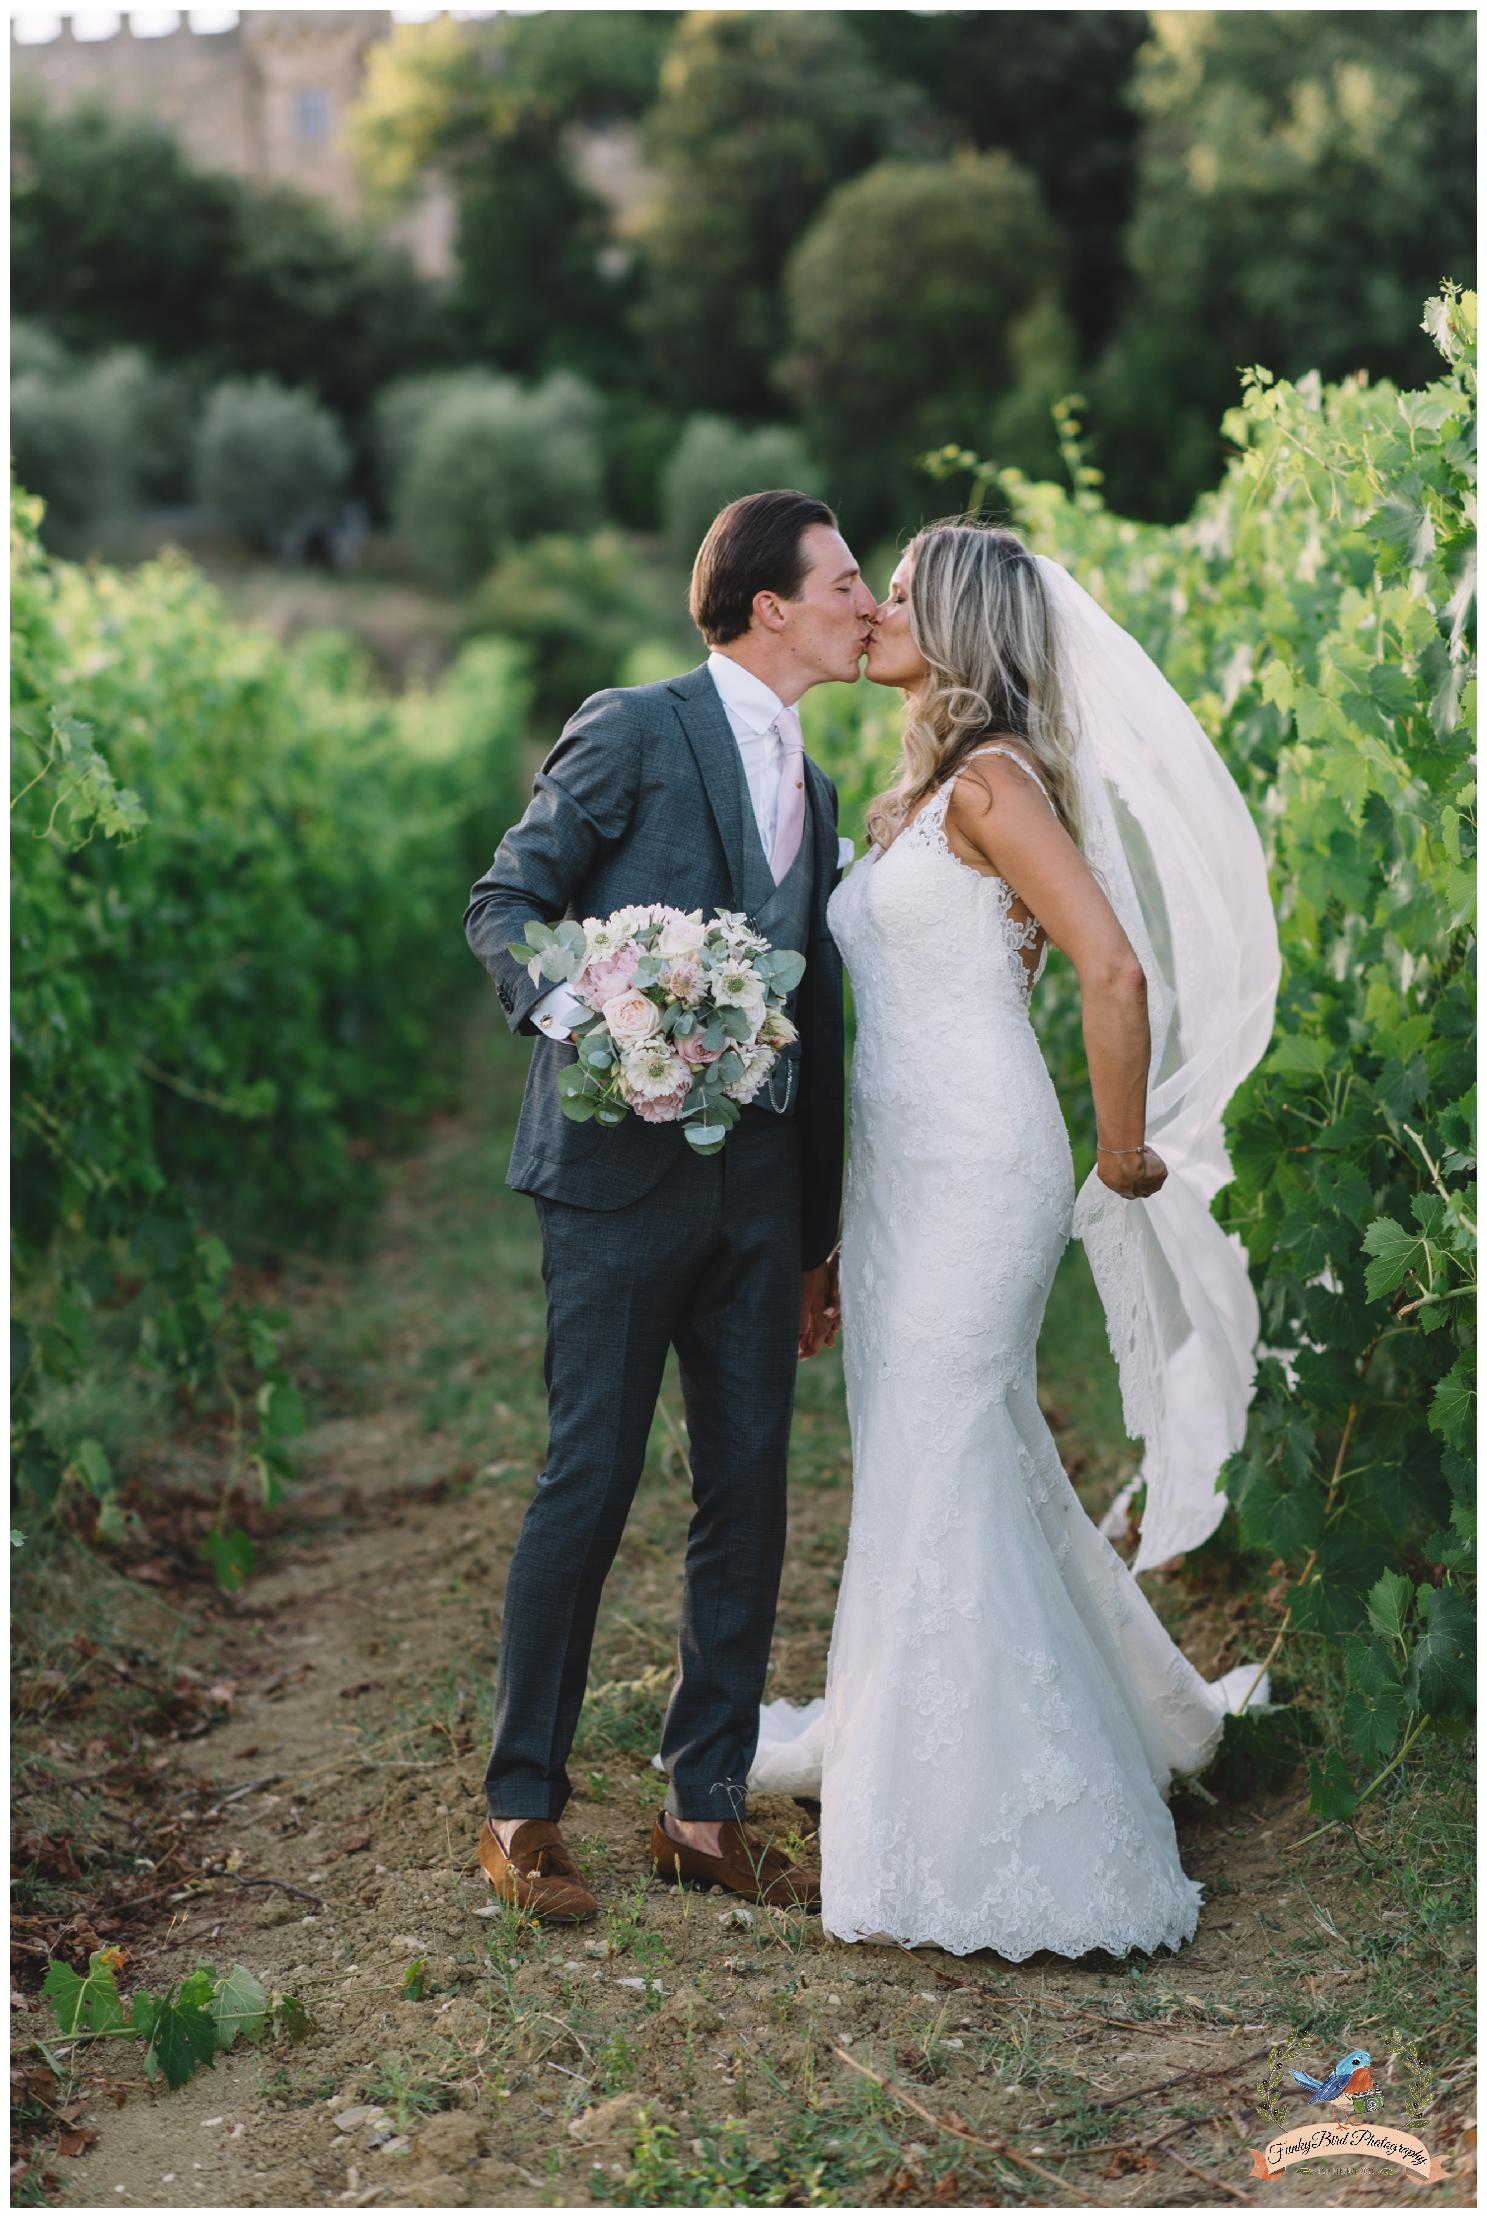 Wedding_Photographer_Tuscany_Florence_Italy_43.jpg